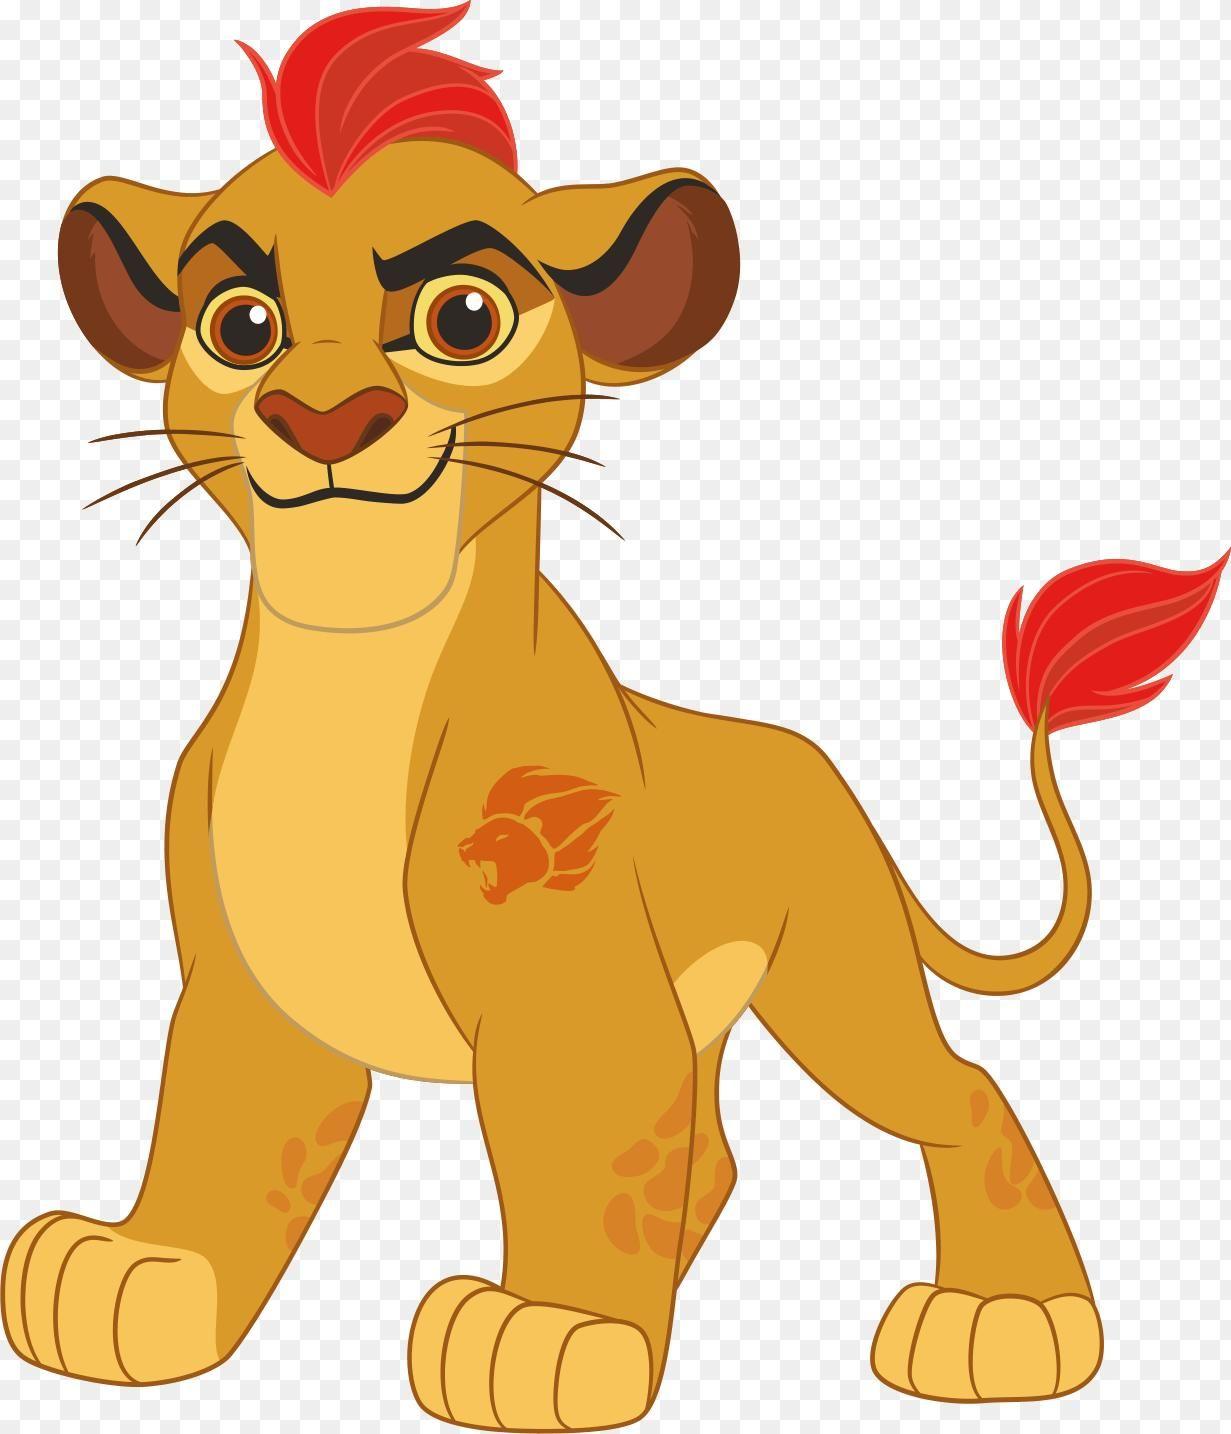 Lion Lion Guard Png Meet The Lion Guard 1231 1434 Transparent Png Free Download Lion Guard Png Unlimited Download Pngcoll Lion King Art Lion Lion Guard